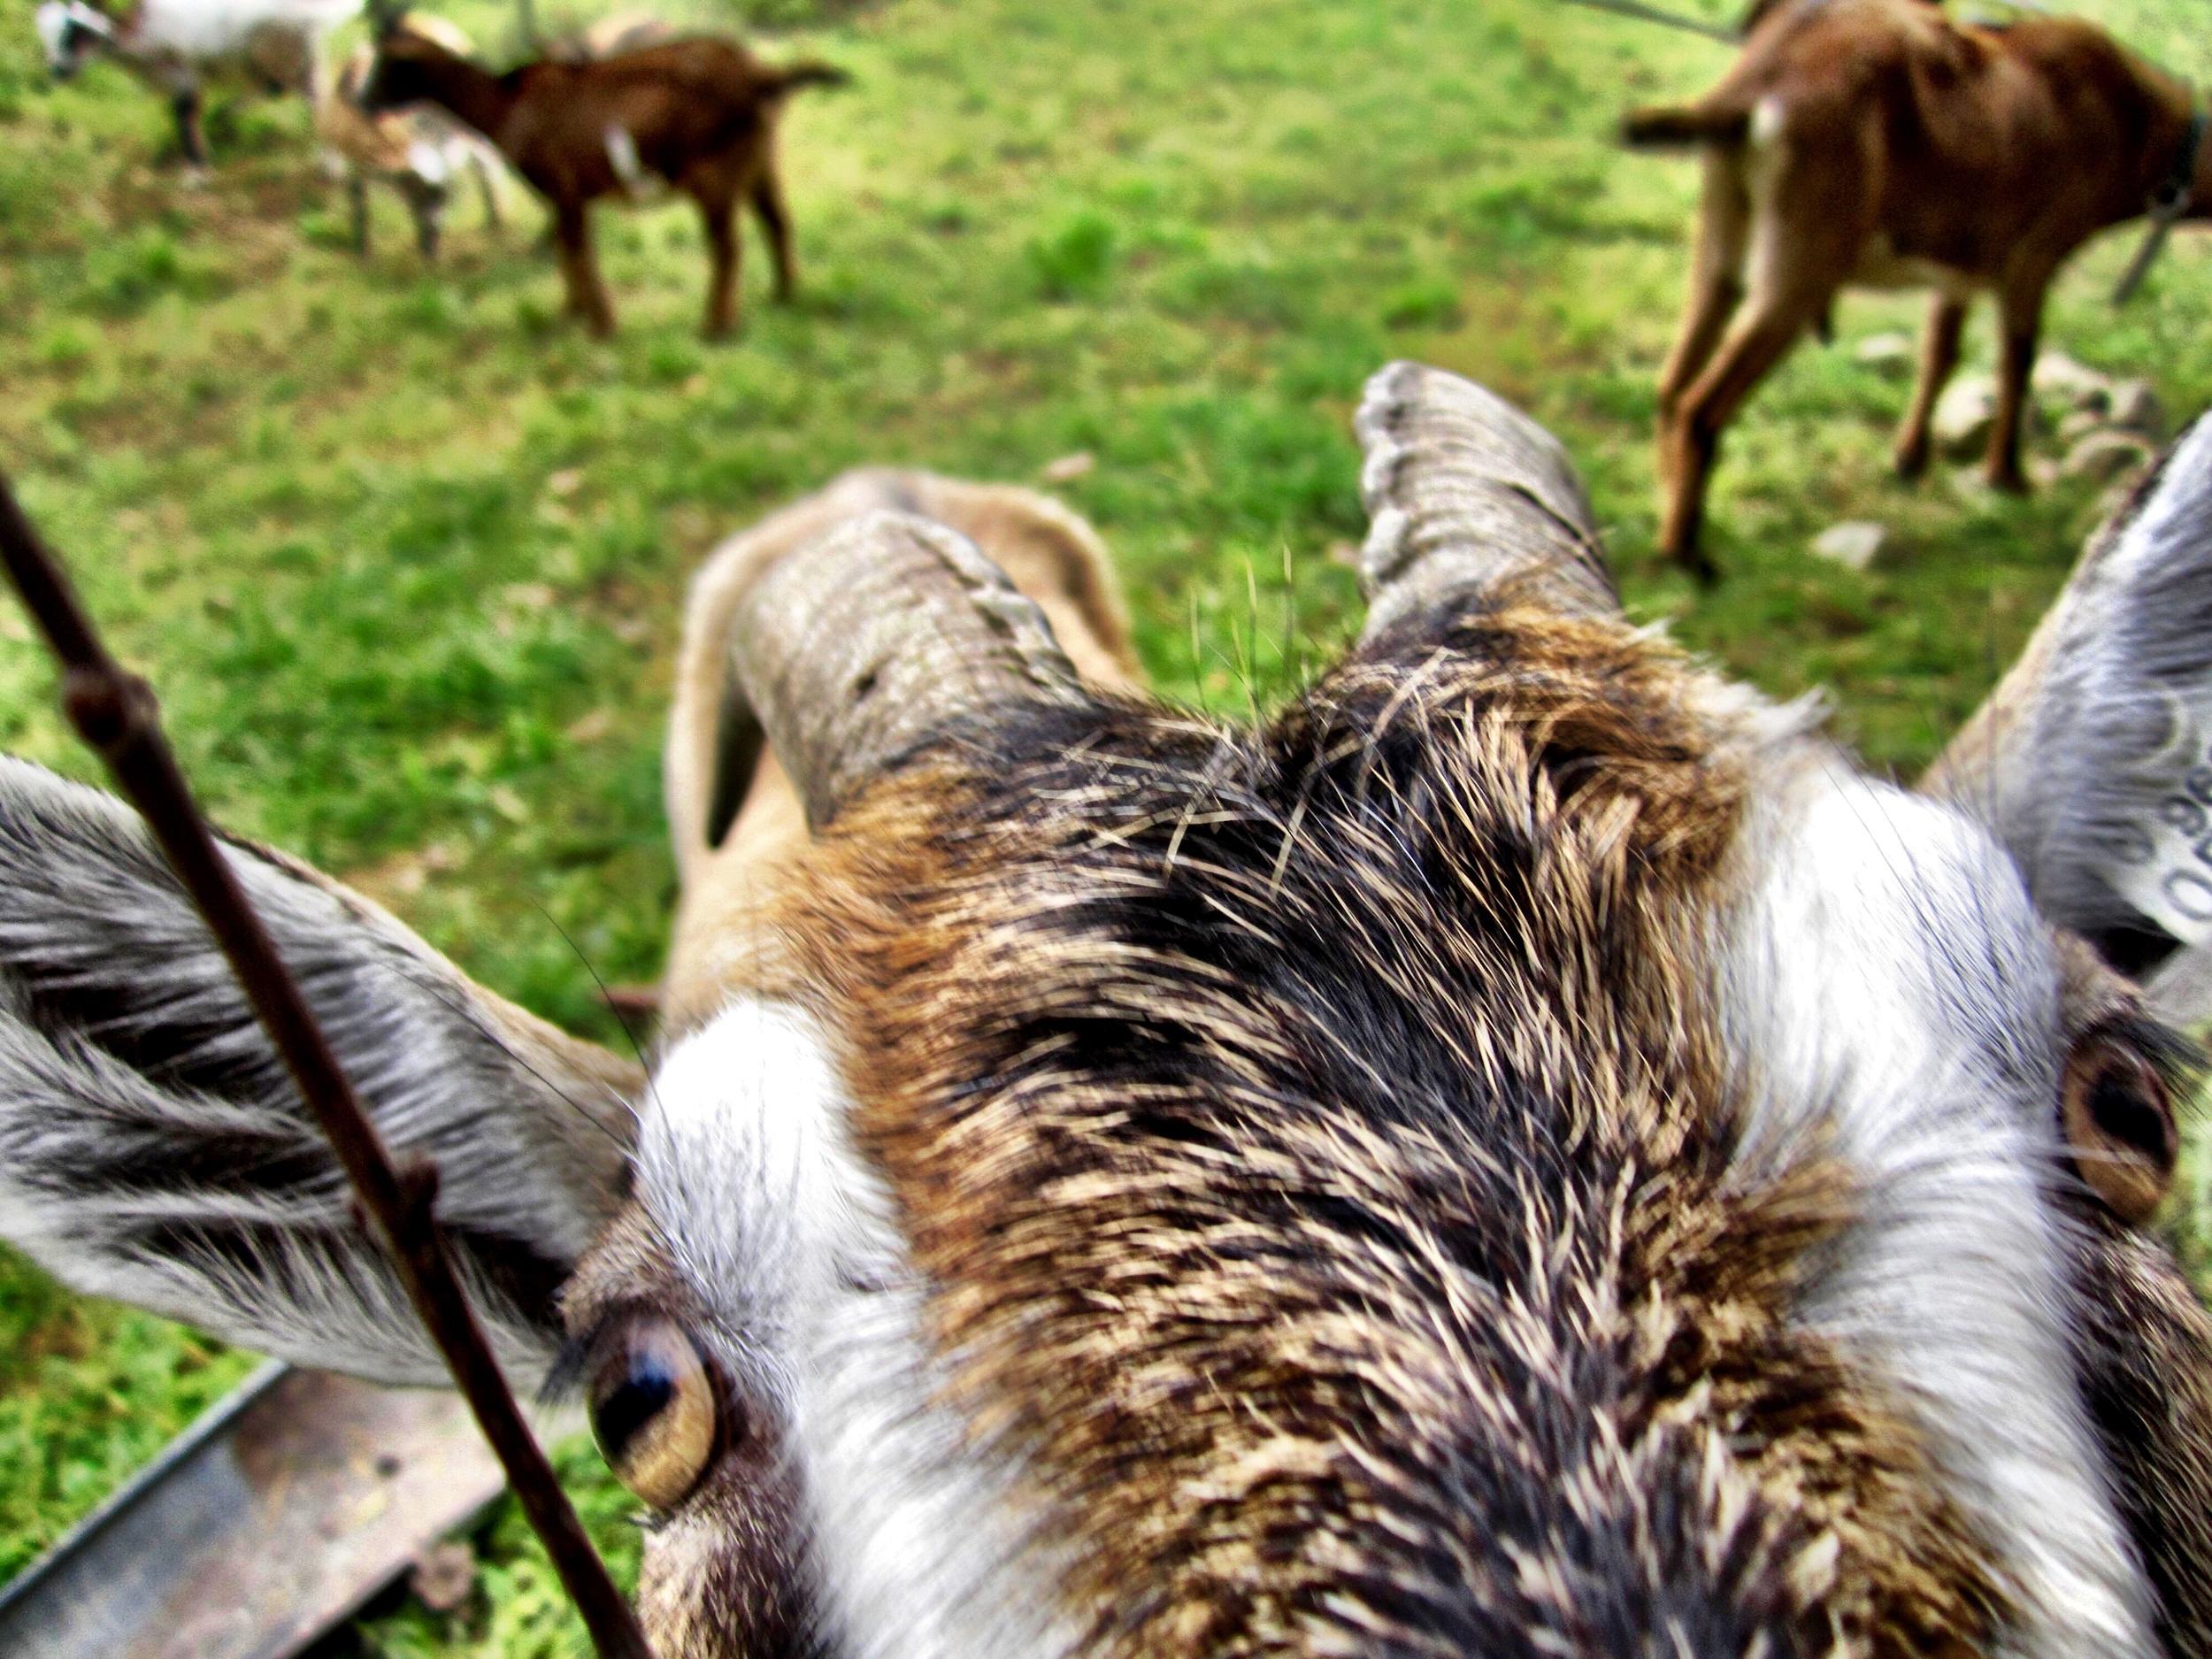 Gratuitous goat shot